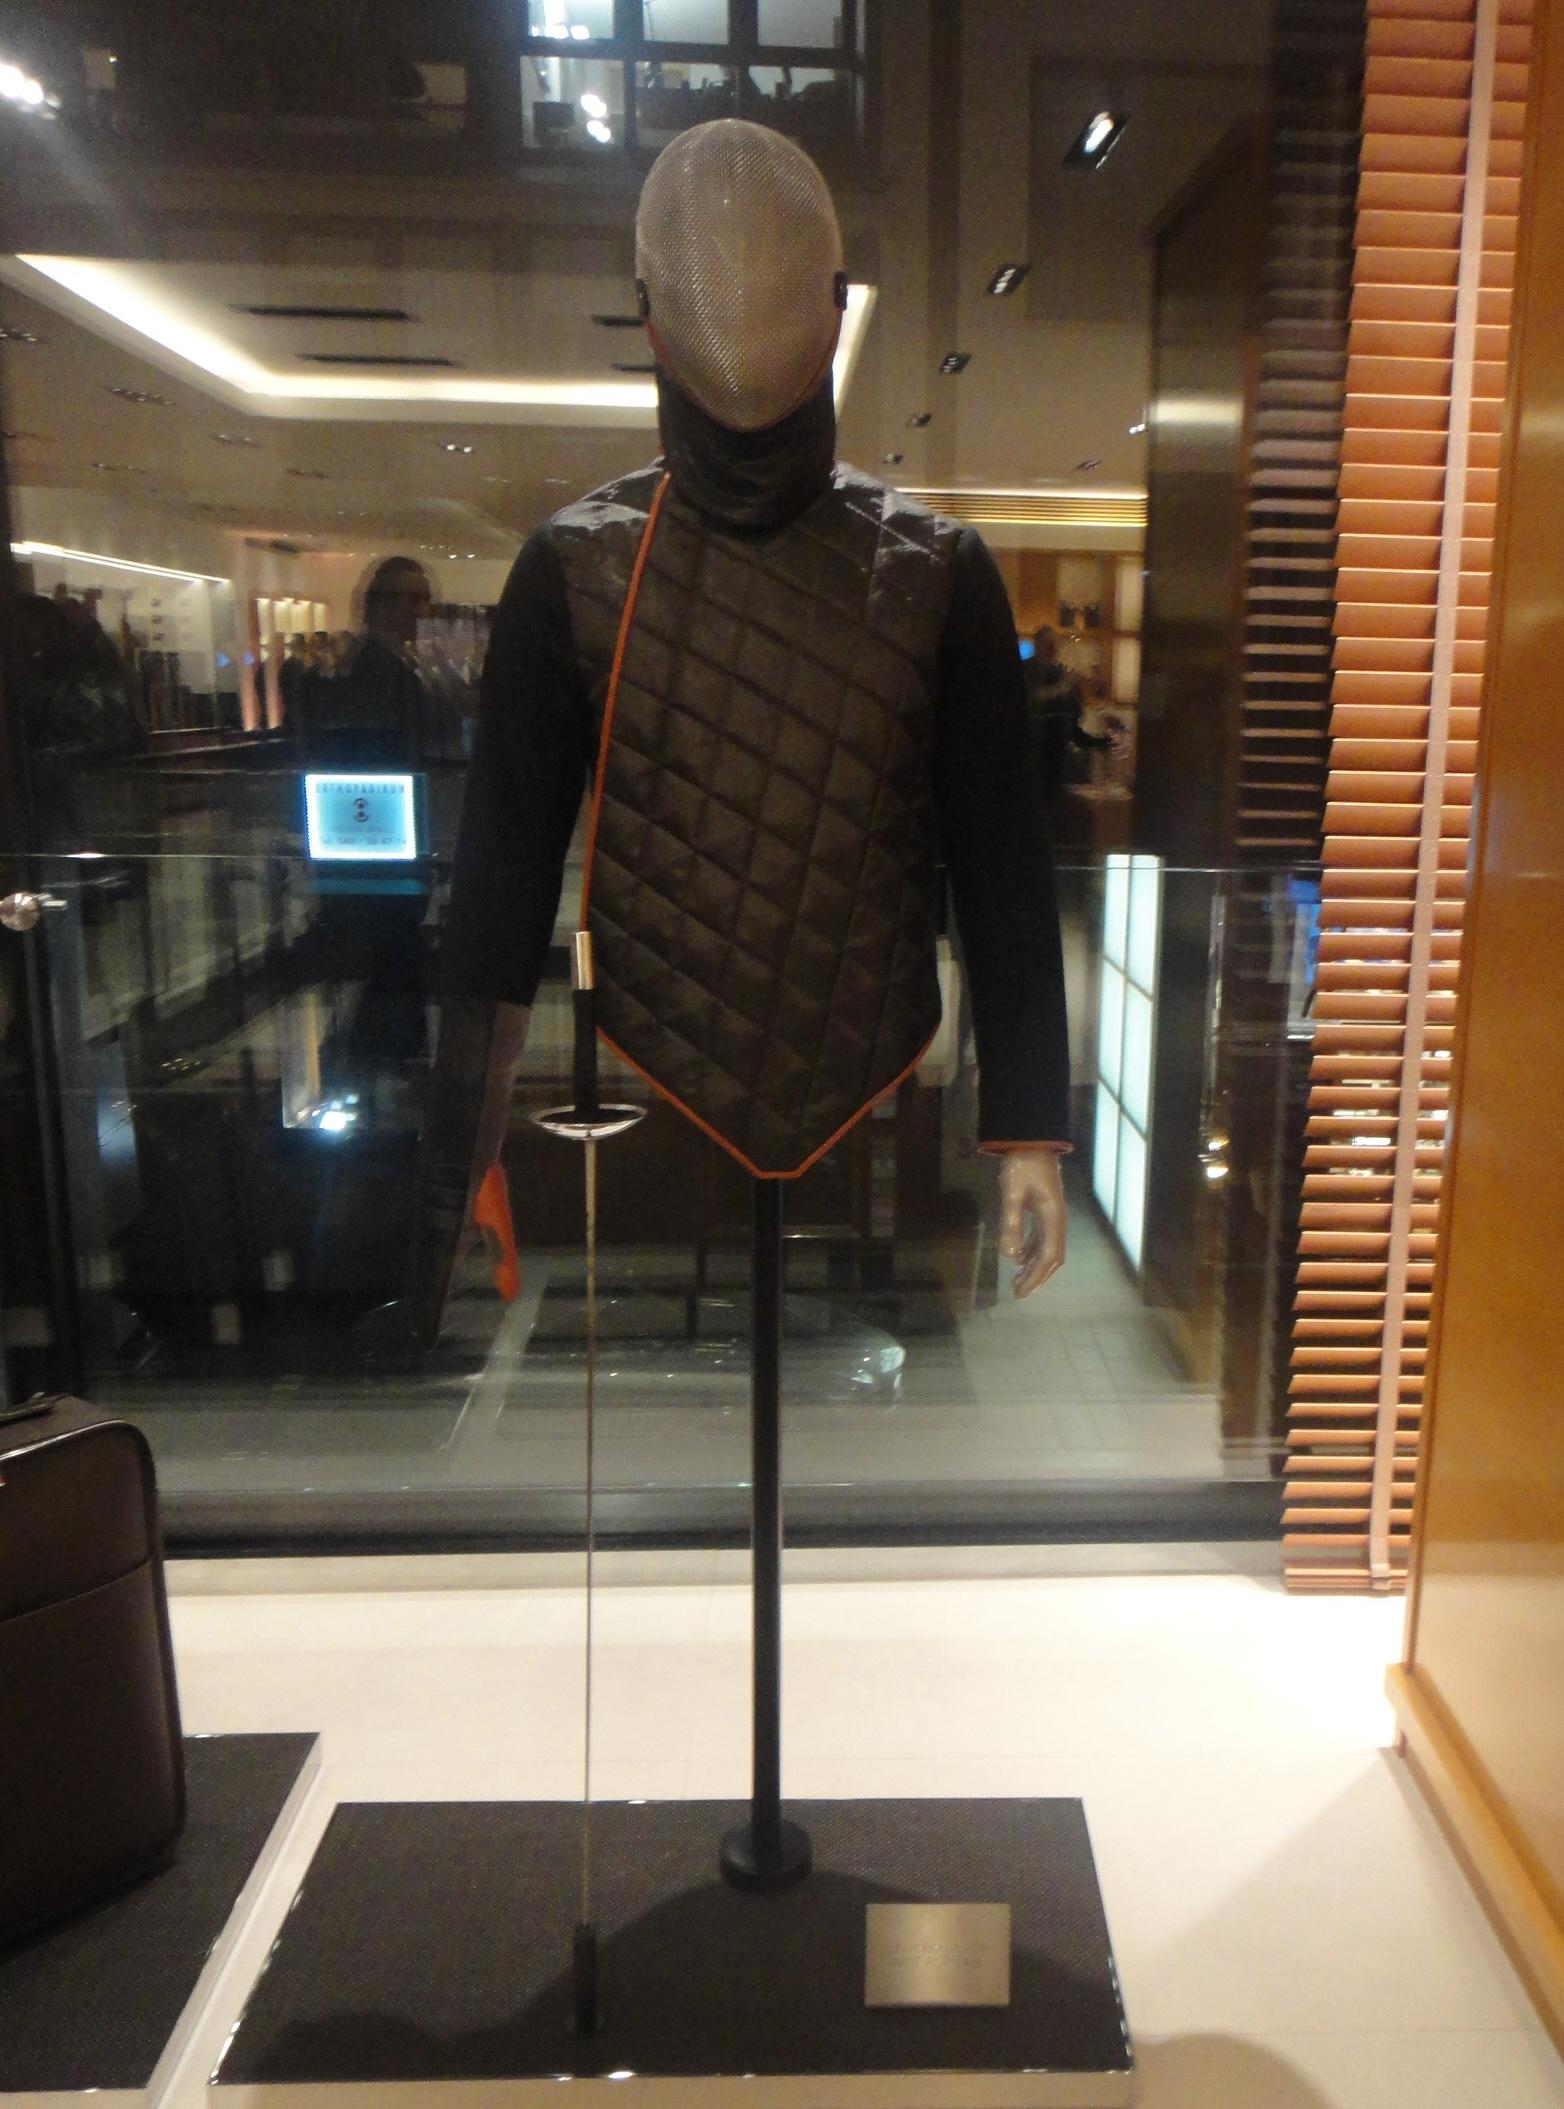 fencing gear - Louis Vuitton - Fechtausrüstung